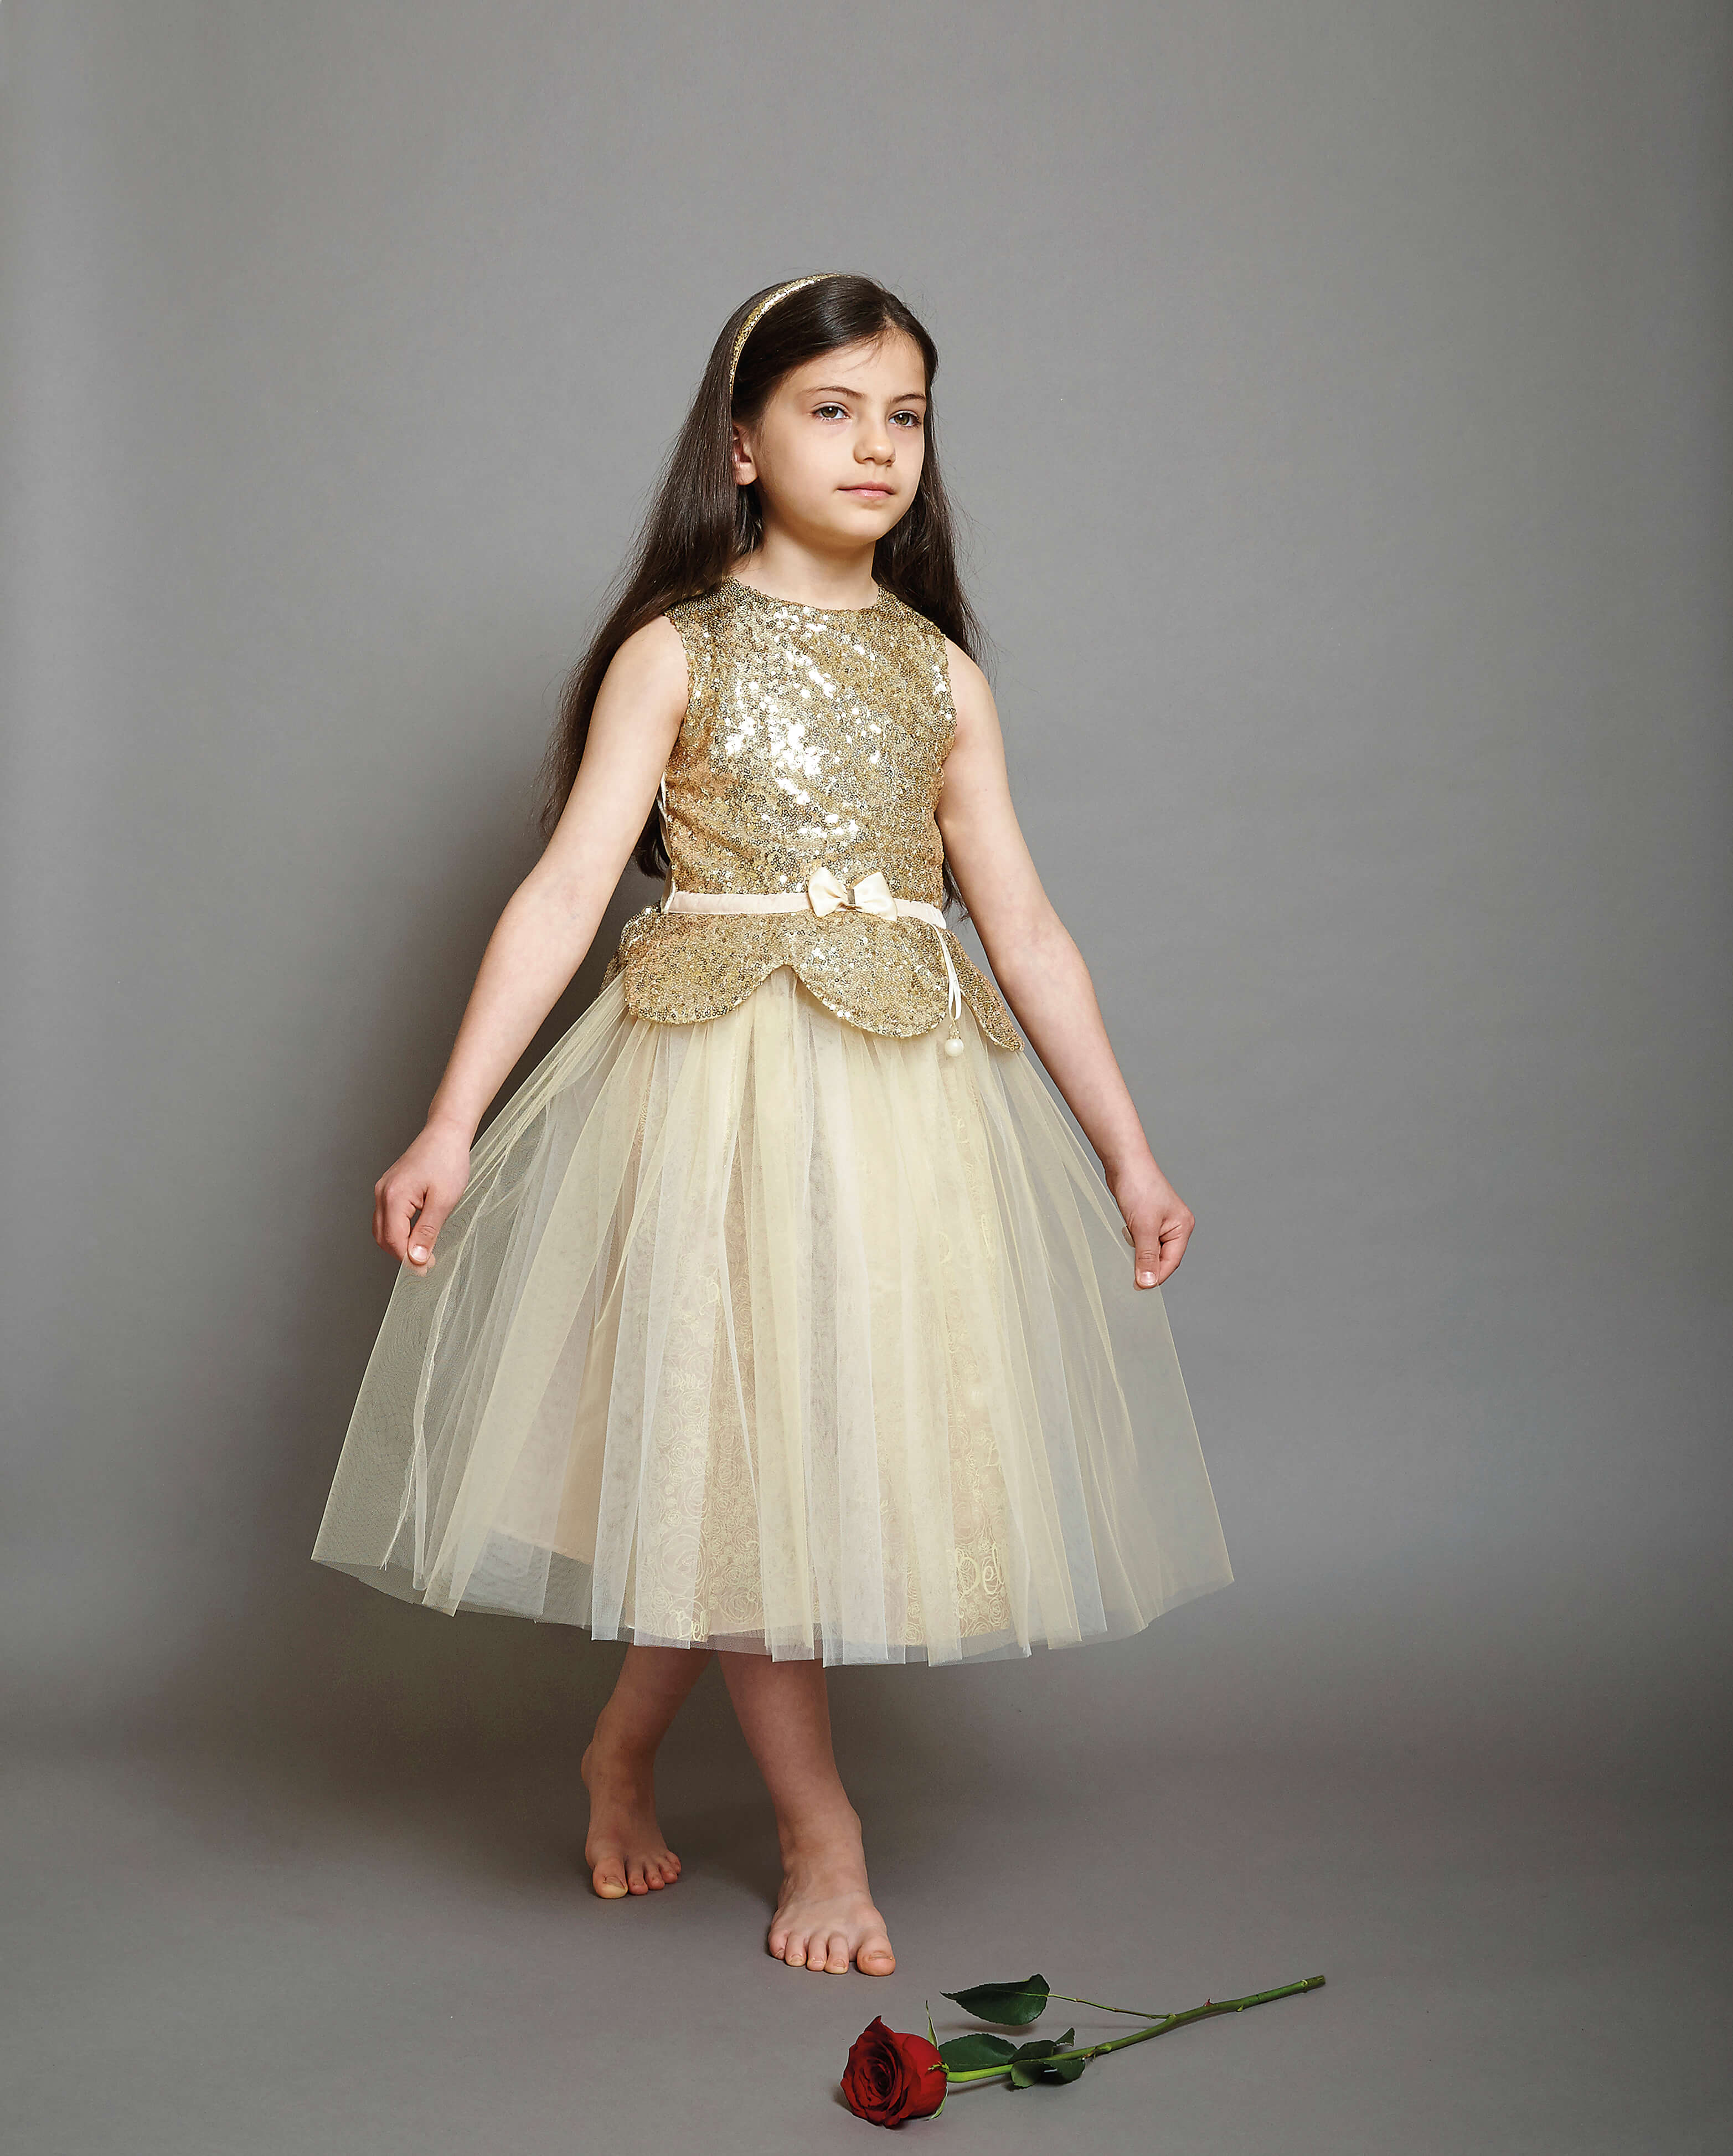 Disney Boutique Belle Gold Sequin & Tulle Dress